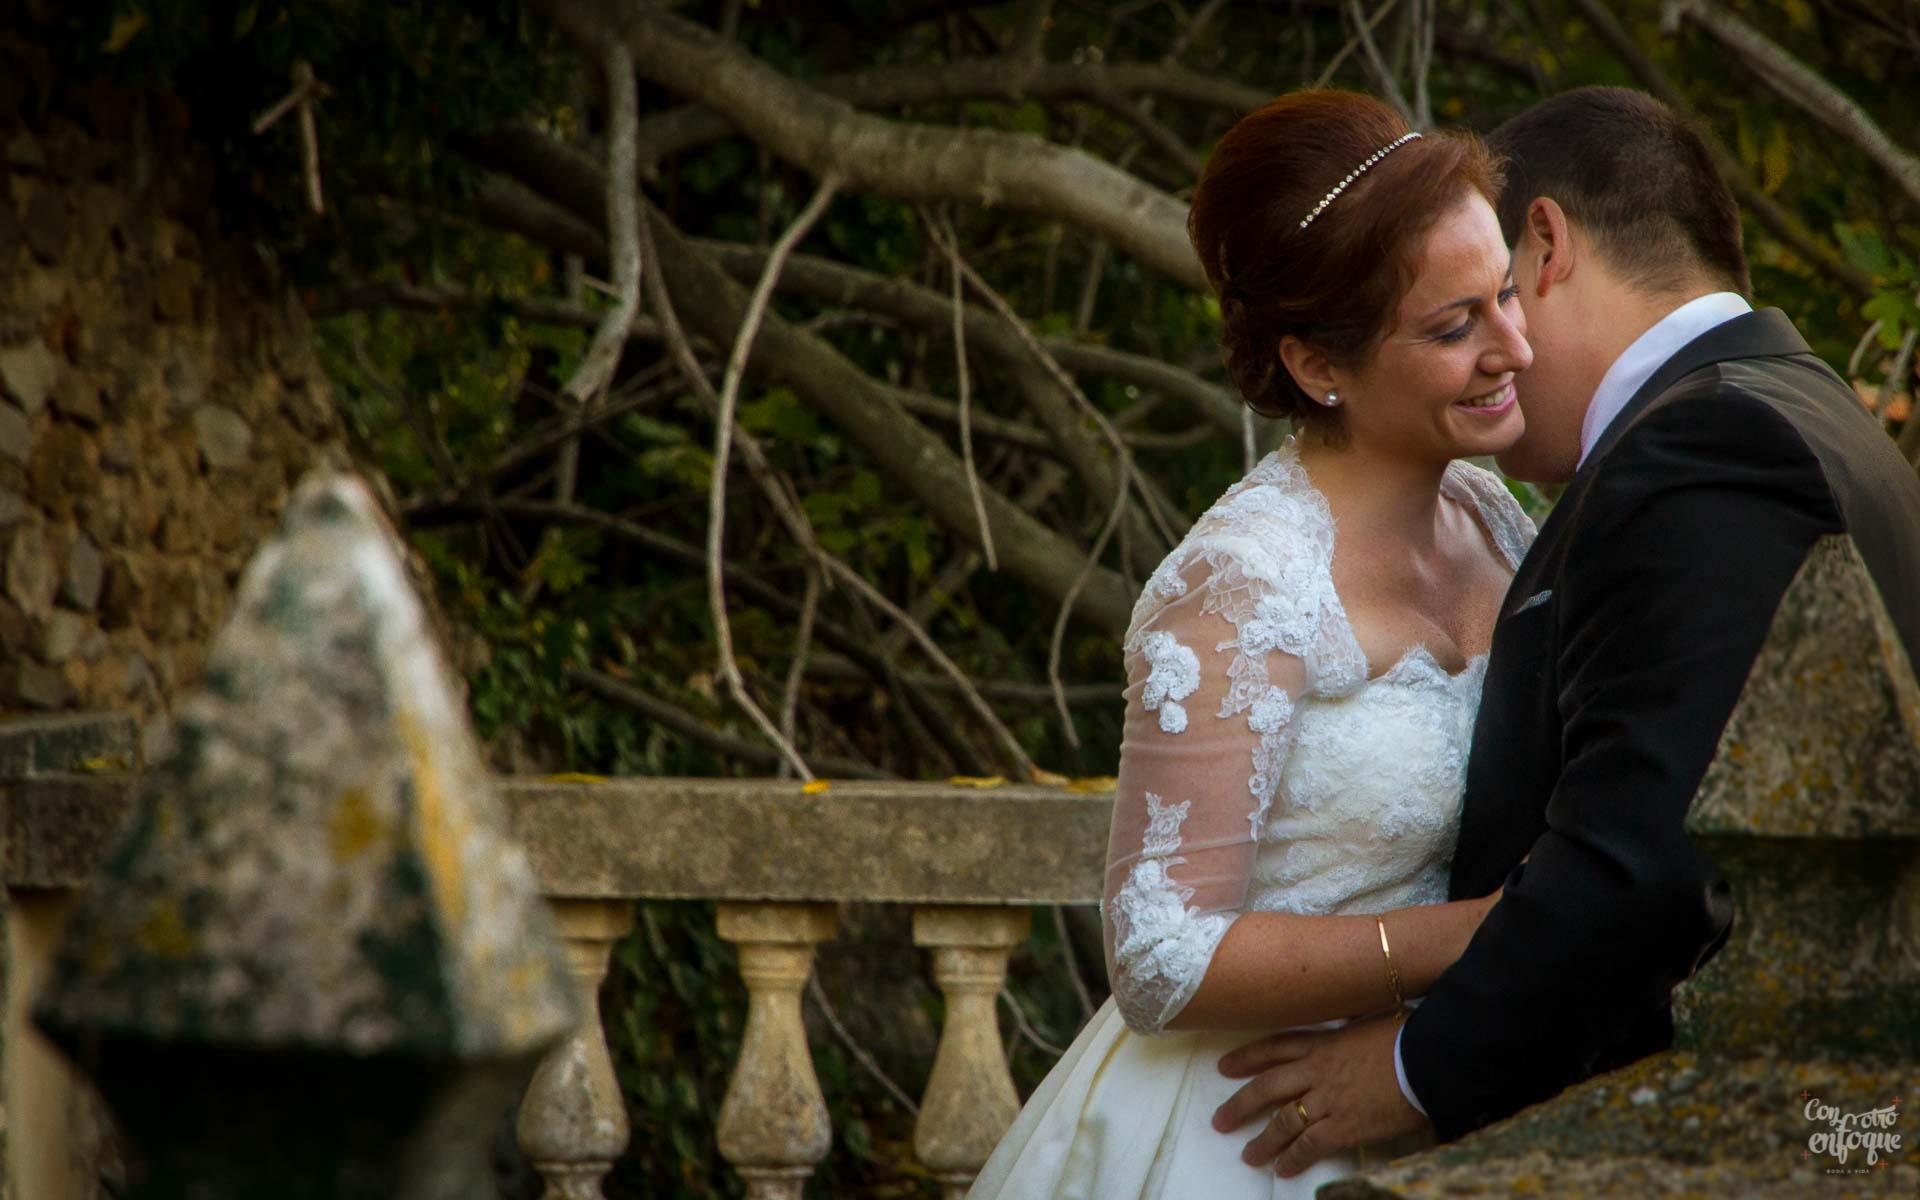 dudas sobre fotógrafos de boda en Valencia. Pareja de recién casados